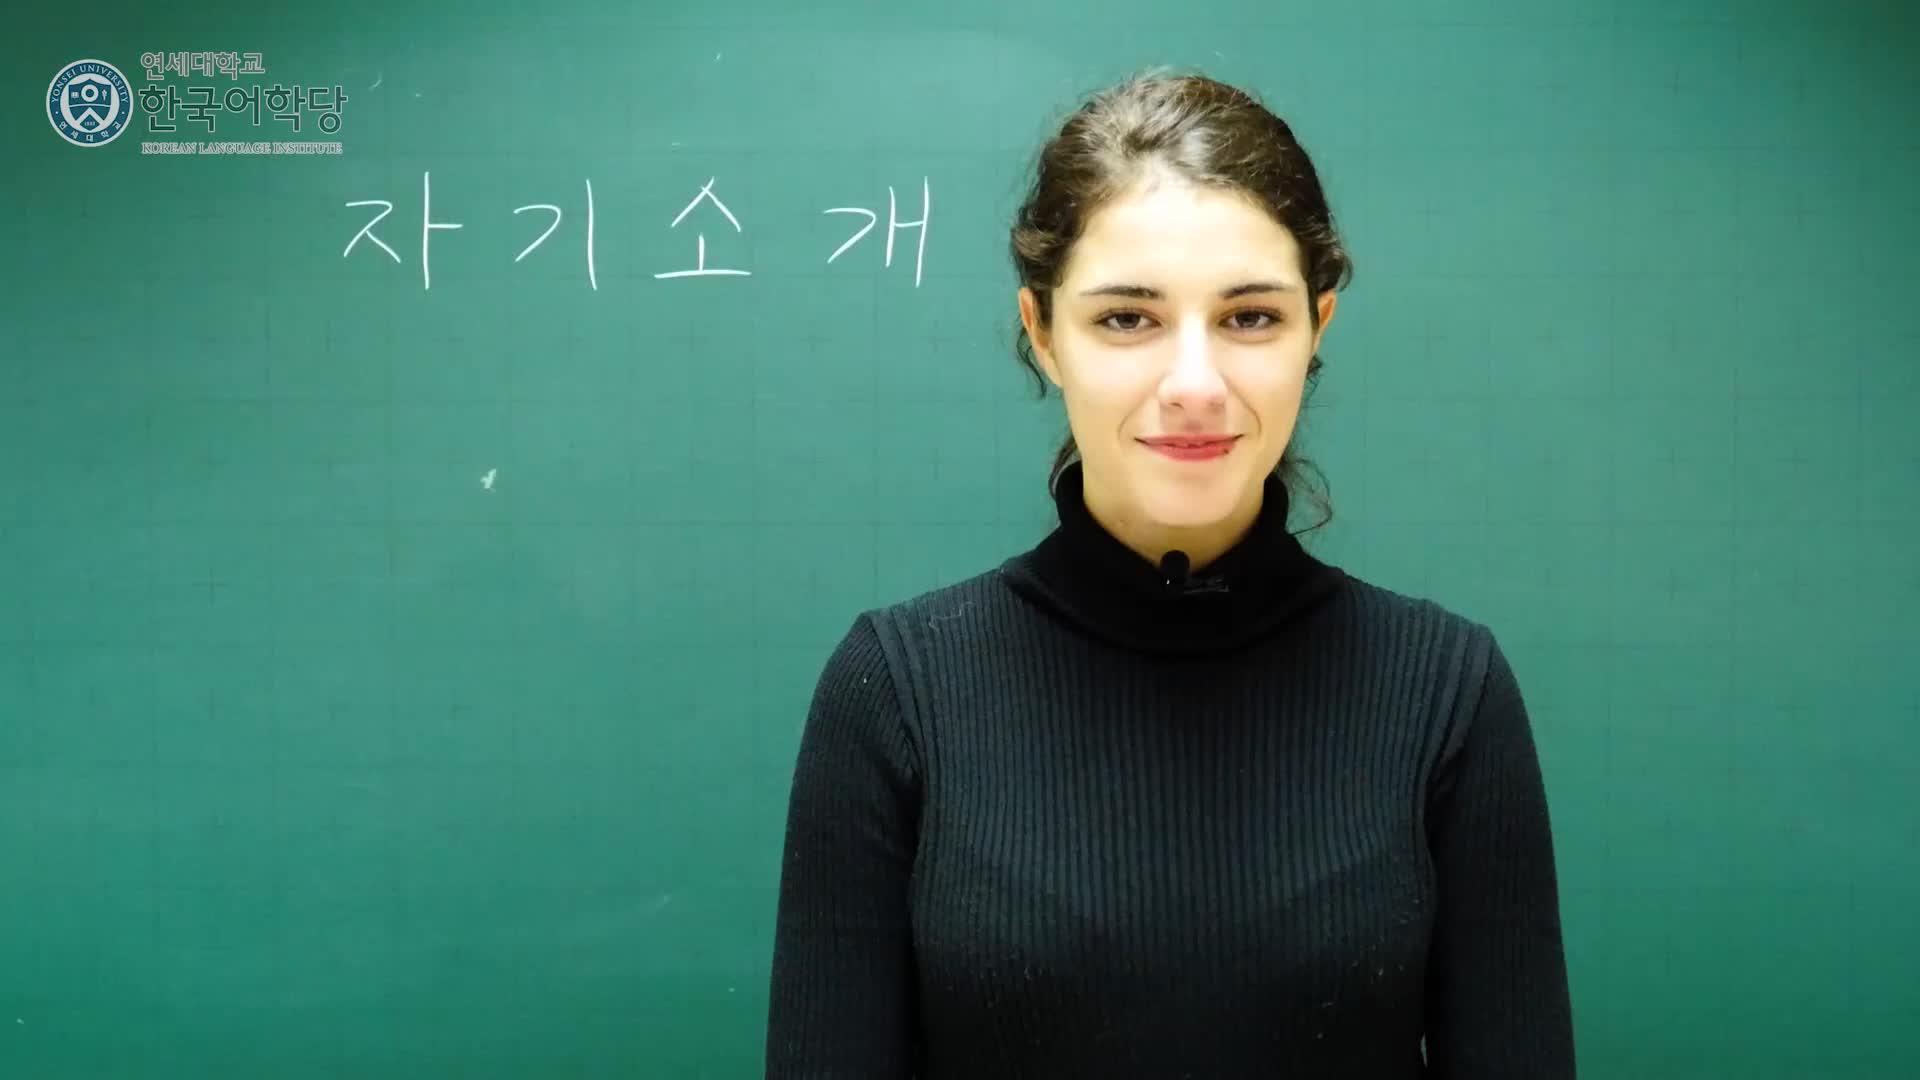 [1분 한국생활]한국어로 간단히 자기소개하는 방법